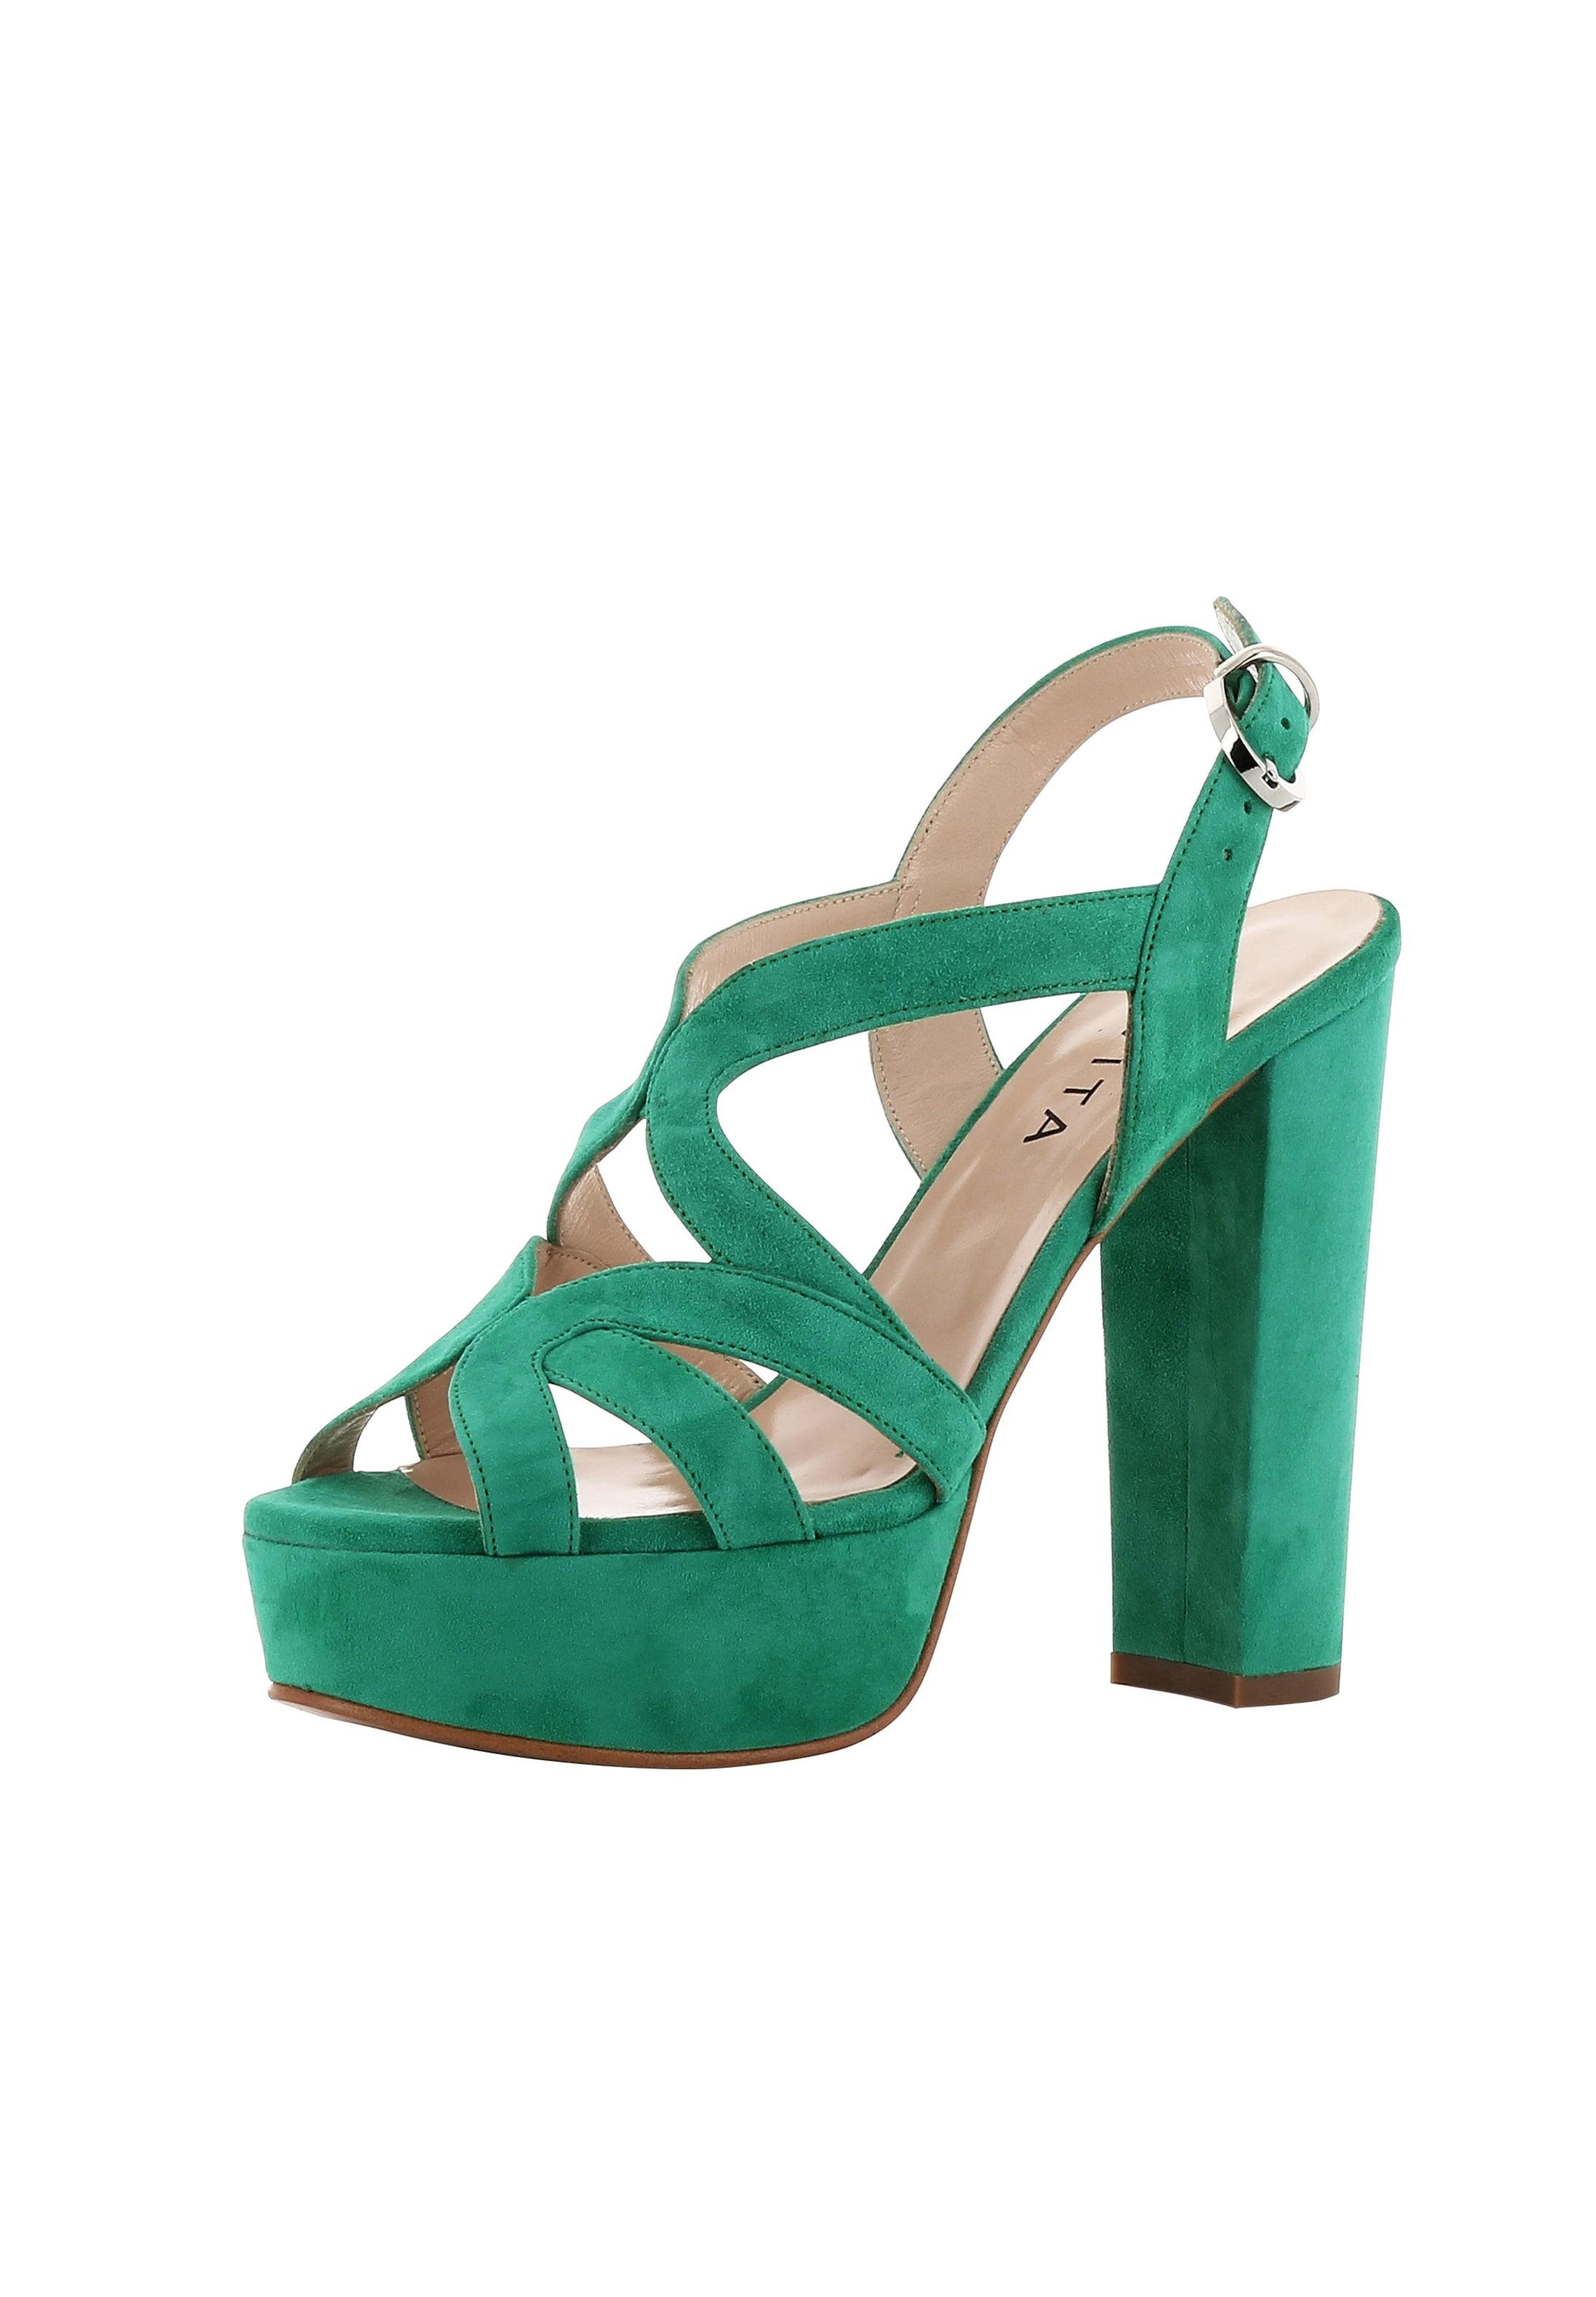 Billig Verkauf Erkunden Spielraum Geschäft Zum Verkauf EVITA Damen Sandalette Beste 39cXlsd2